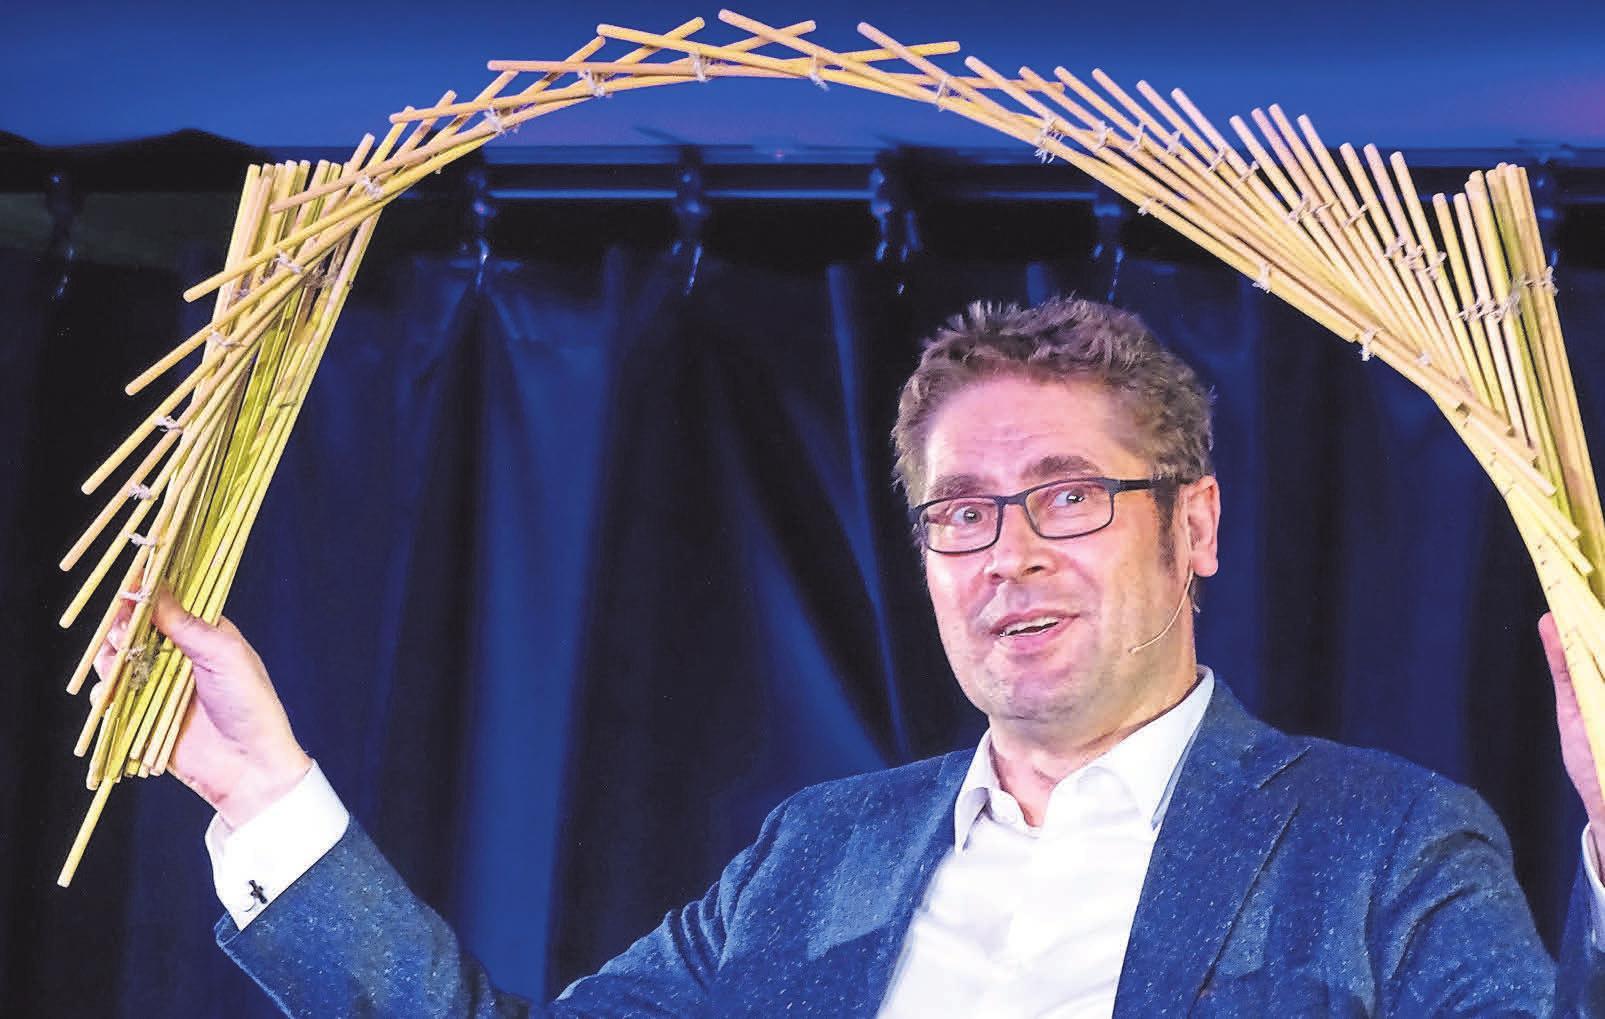 Zum aktuellen Programm im Landgasthaus Meyer gehört auch der Auftritt des gefragten Künstlers DESiMO.